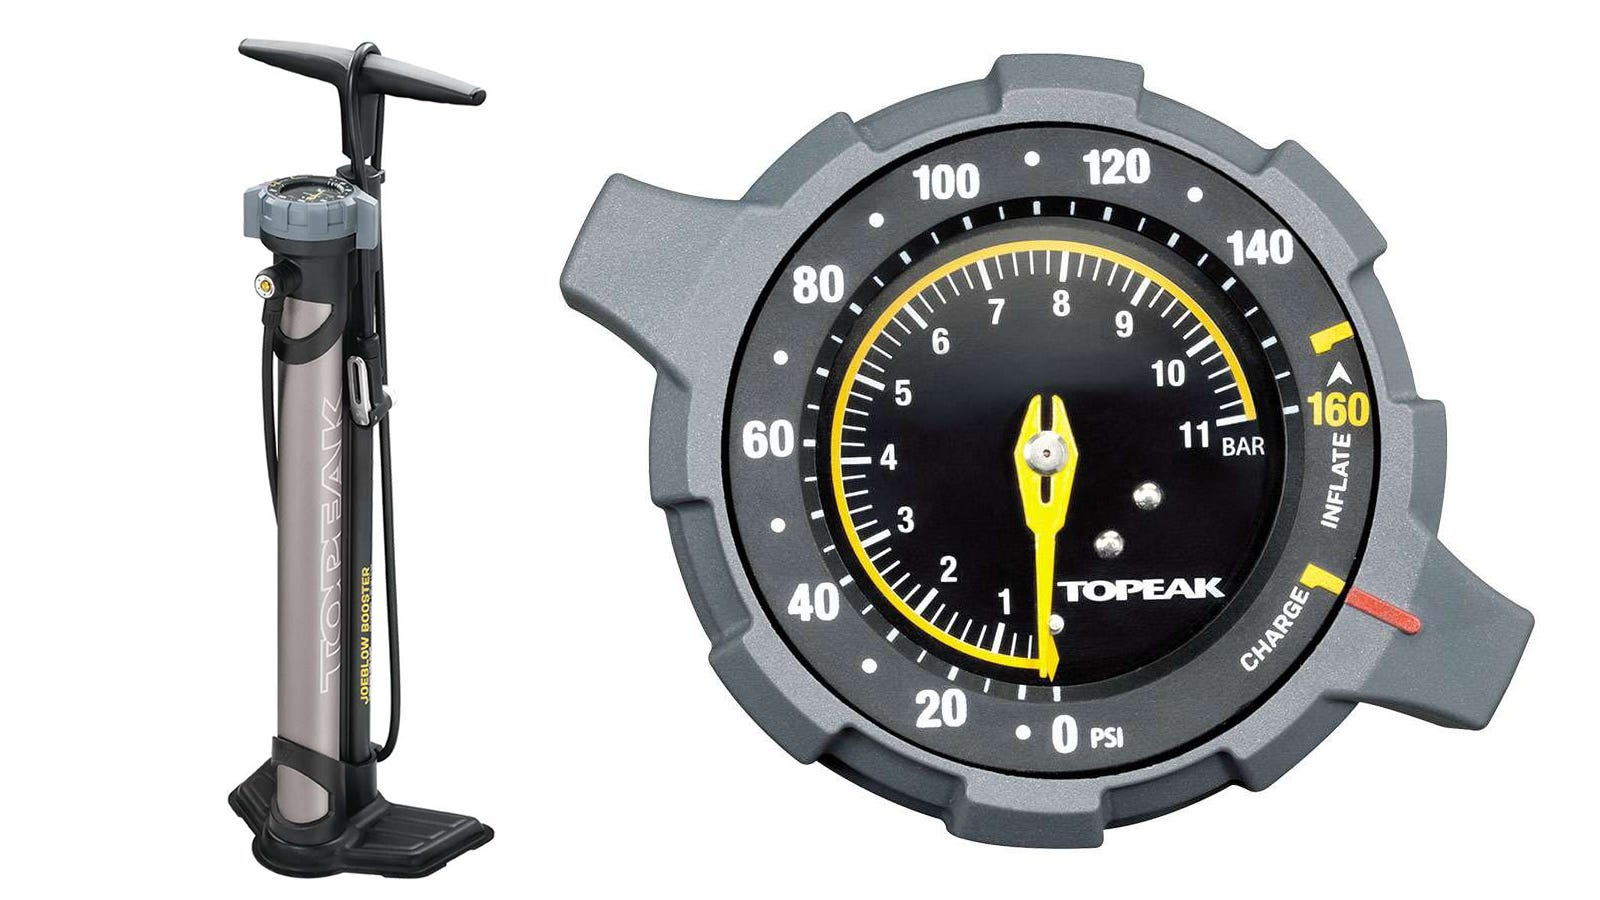 Topeak Joe Blow Booster bike floor pump